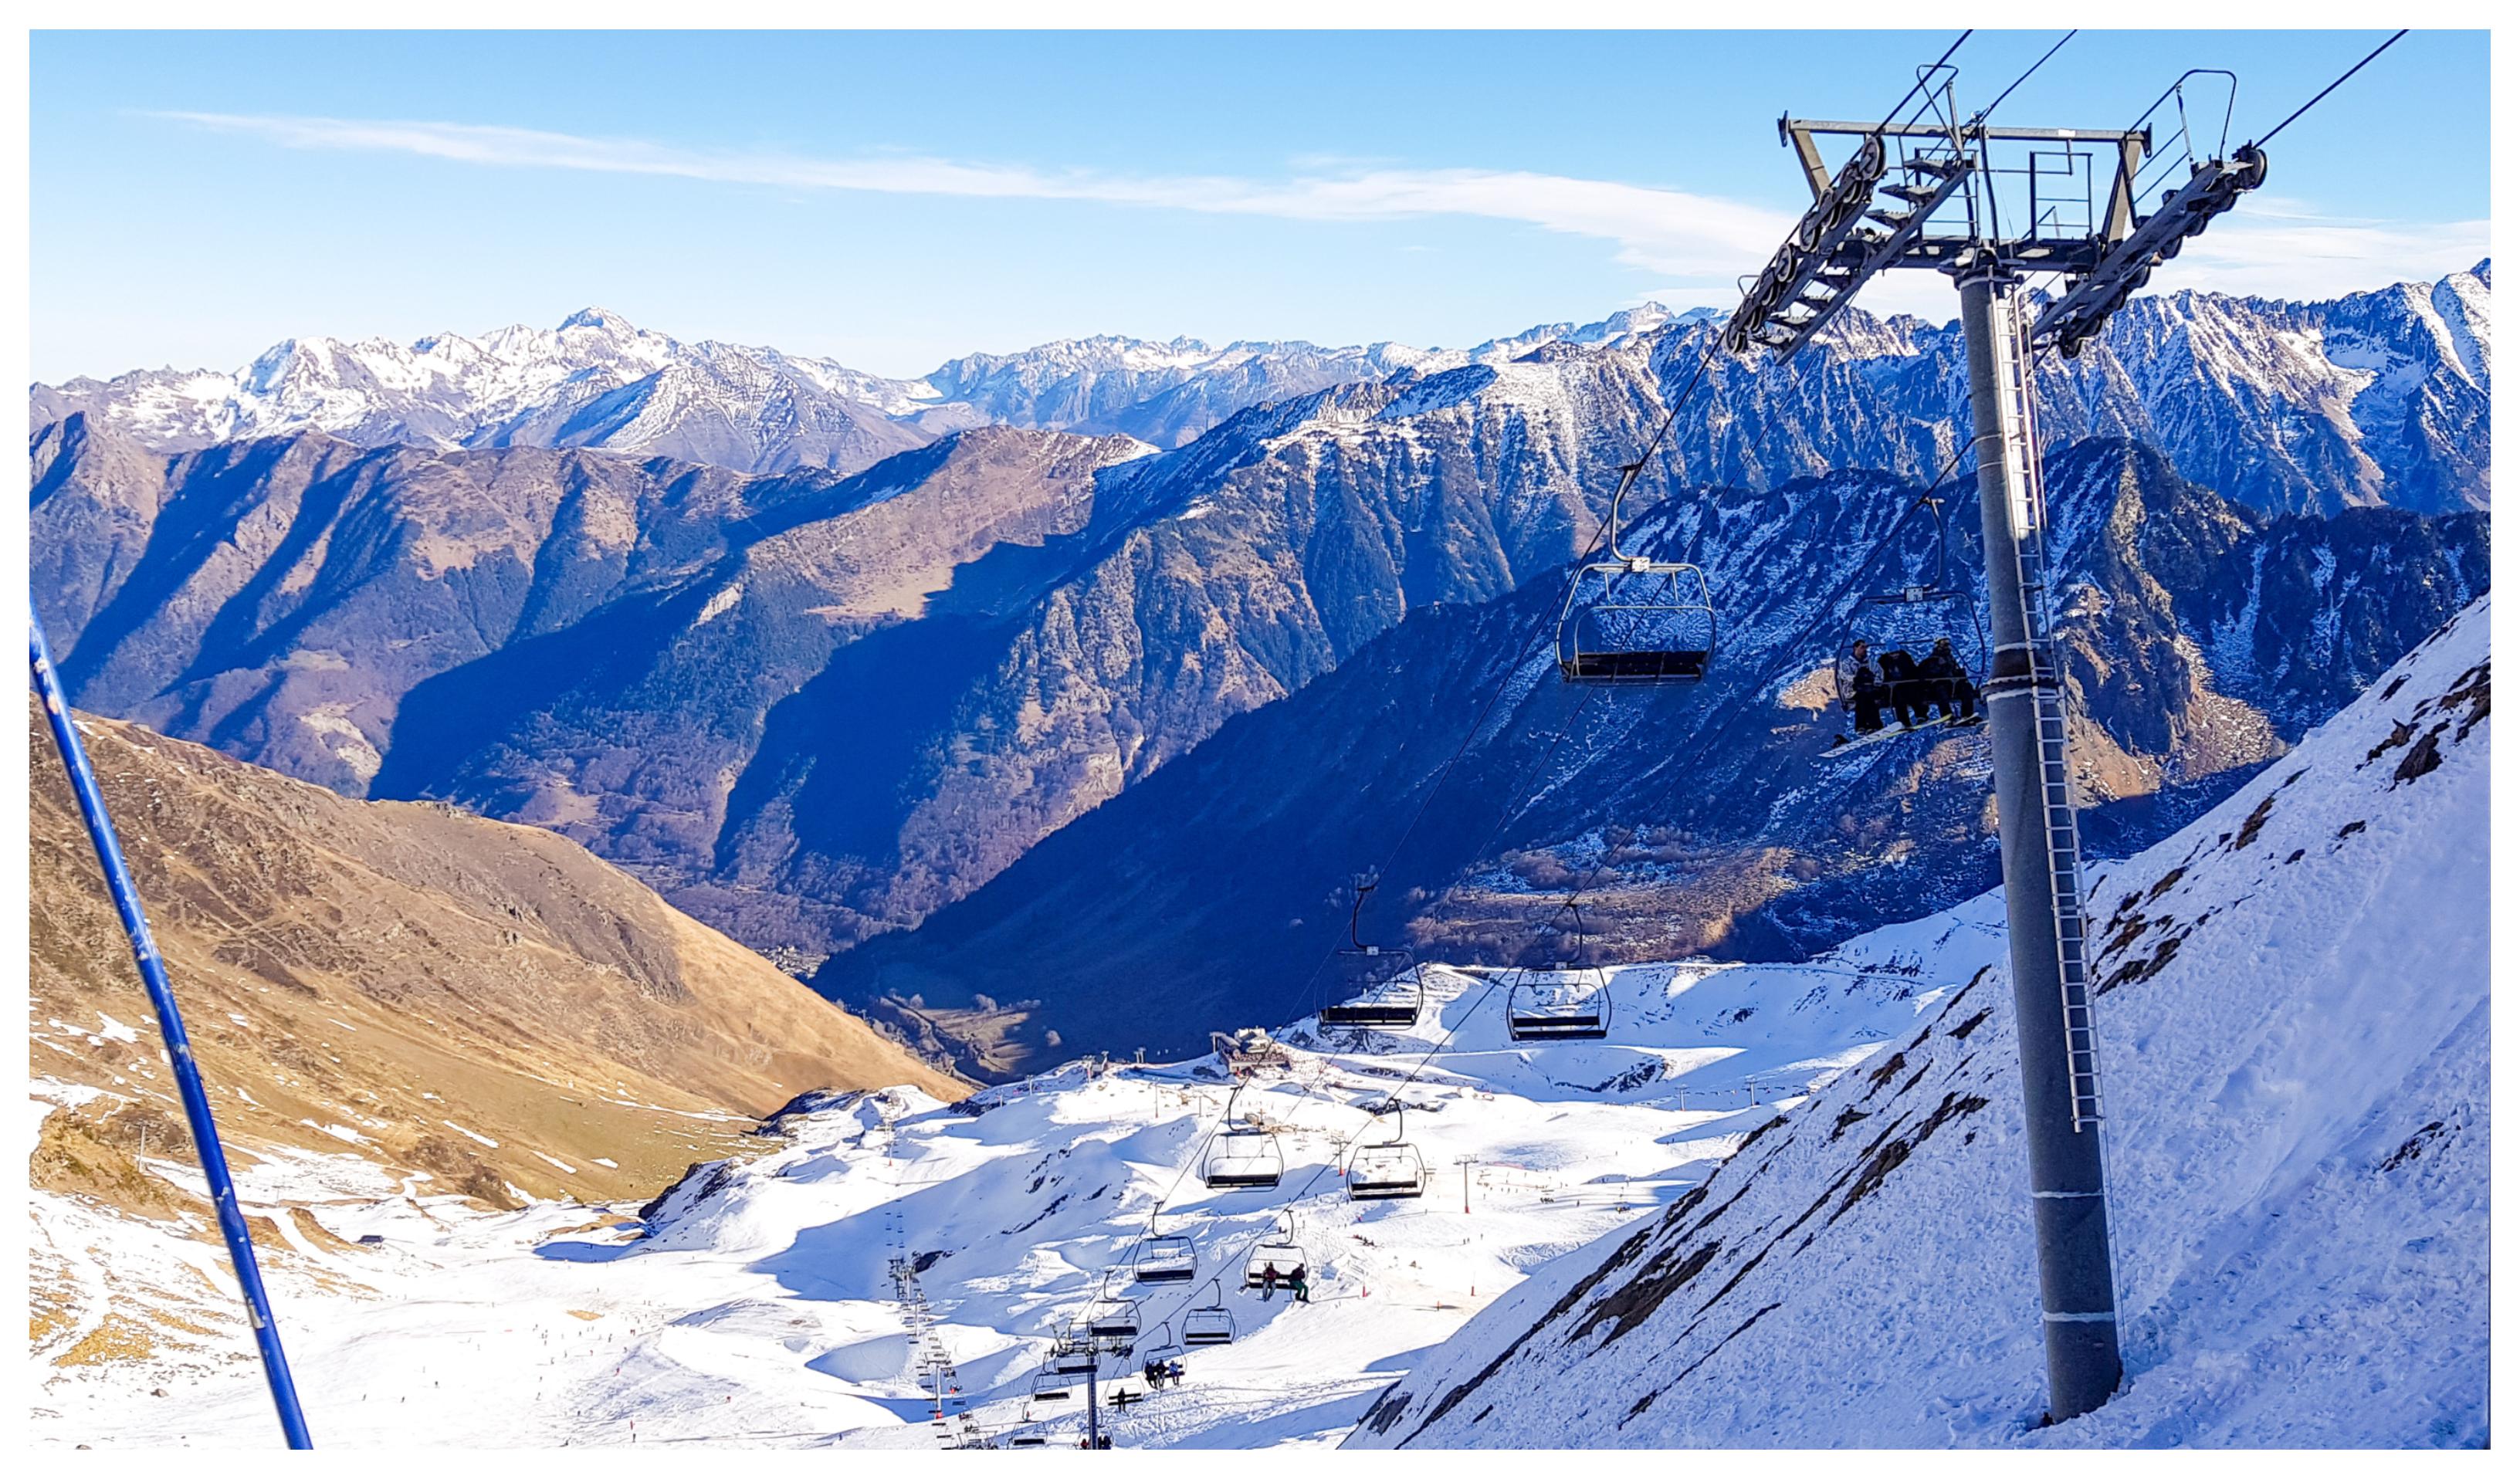 cauterets-pyrénées-ski-avis-blog-bordeaux (1)